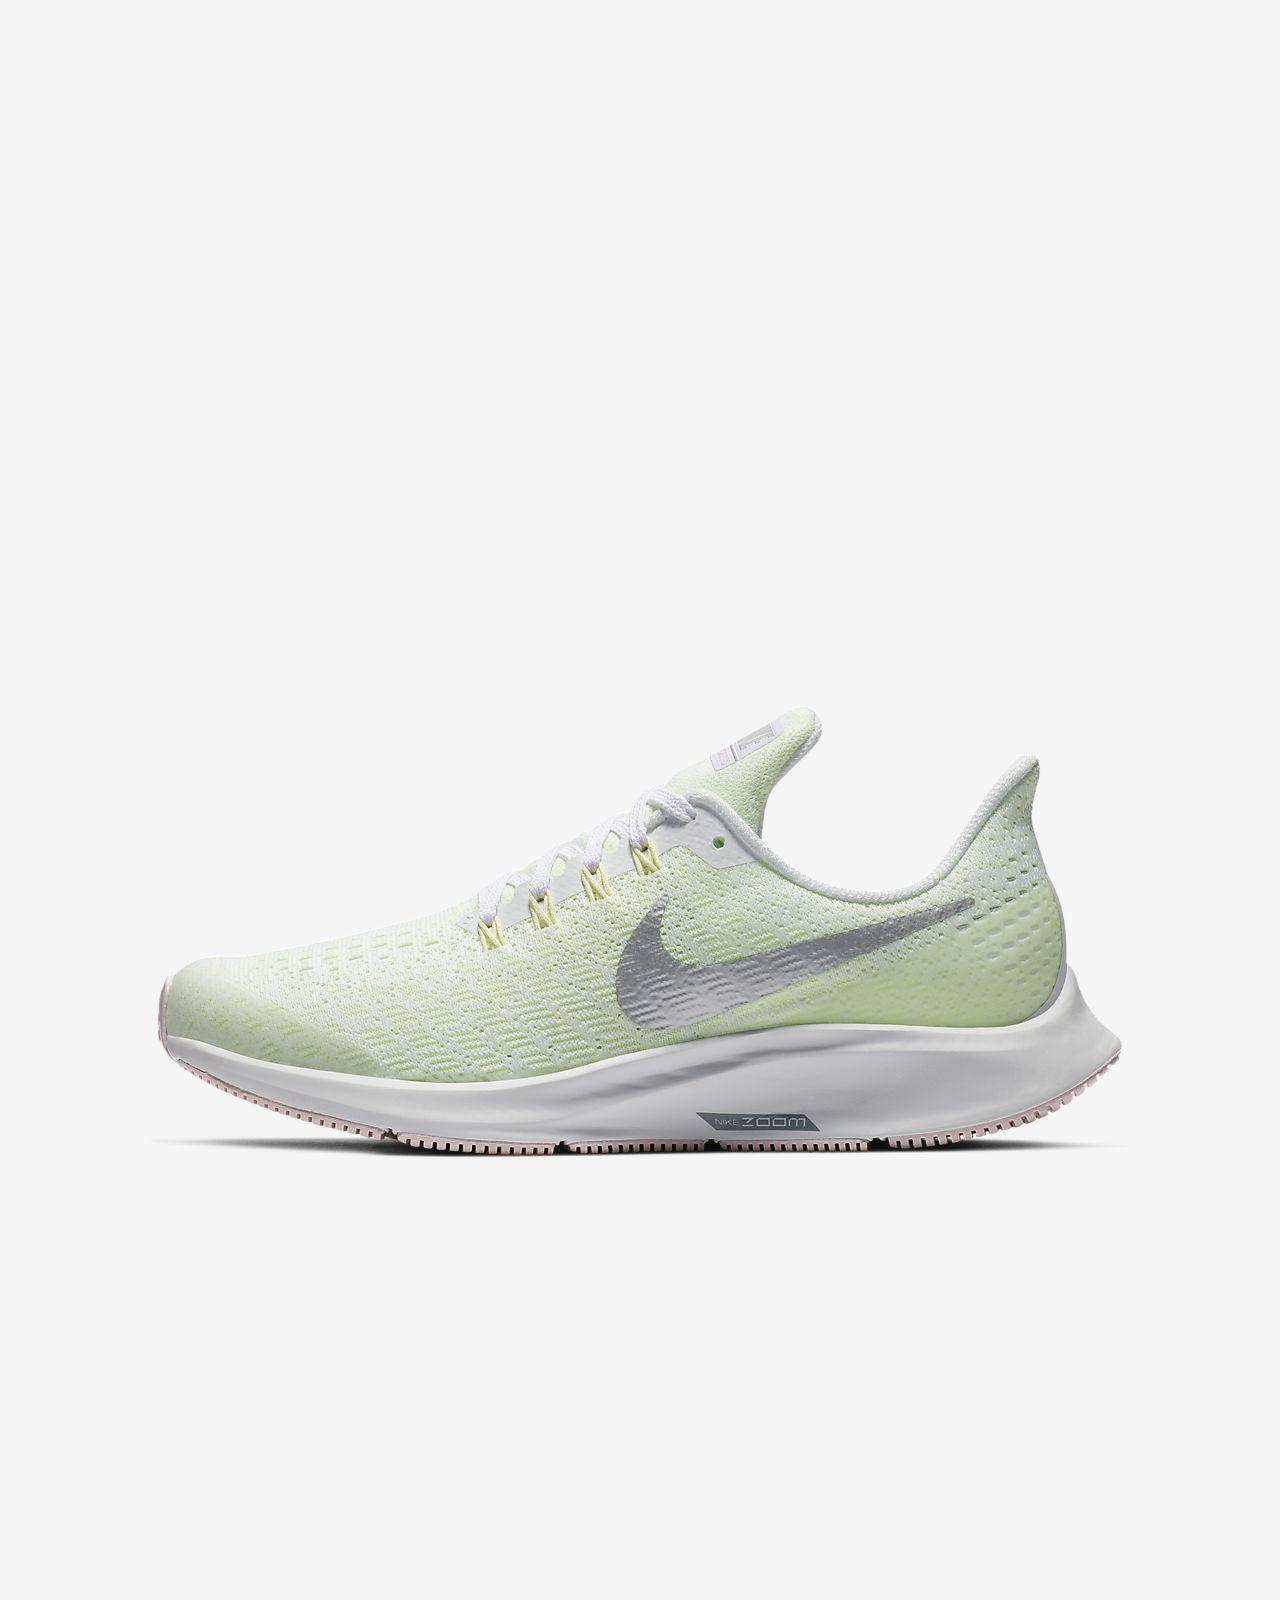 Buty do biegania dla małych/dużych dzieci Nike Air Zoom Pegasus 35